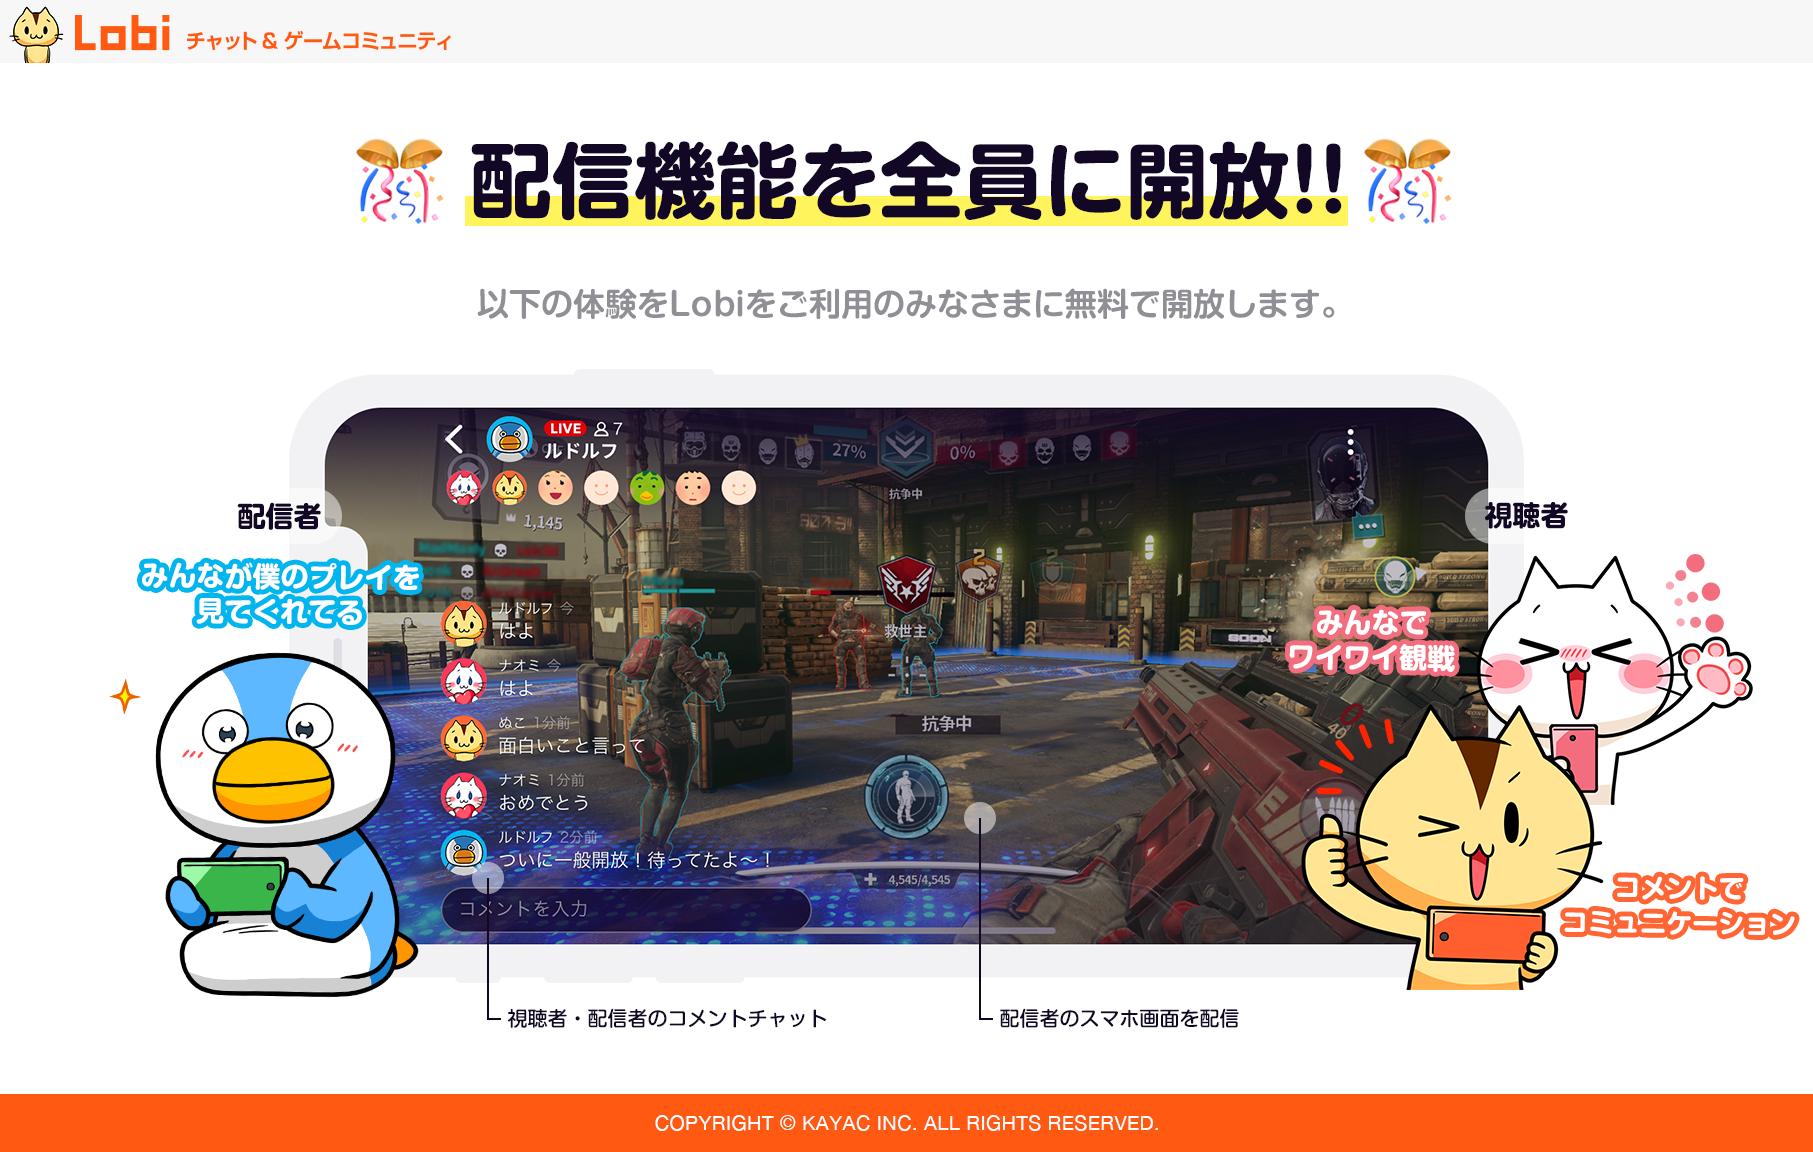 ゲームコミュニティ「Lobi」、スマホ画面をシェア配信できる配信機能を全ユーザー向けに開放